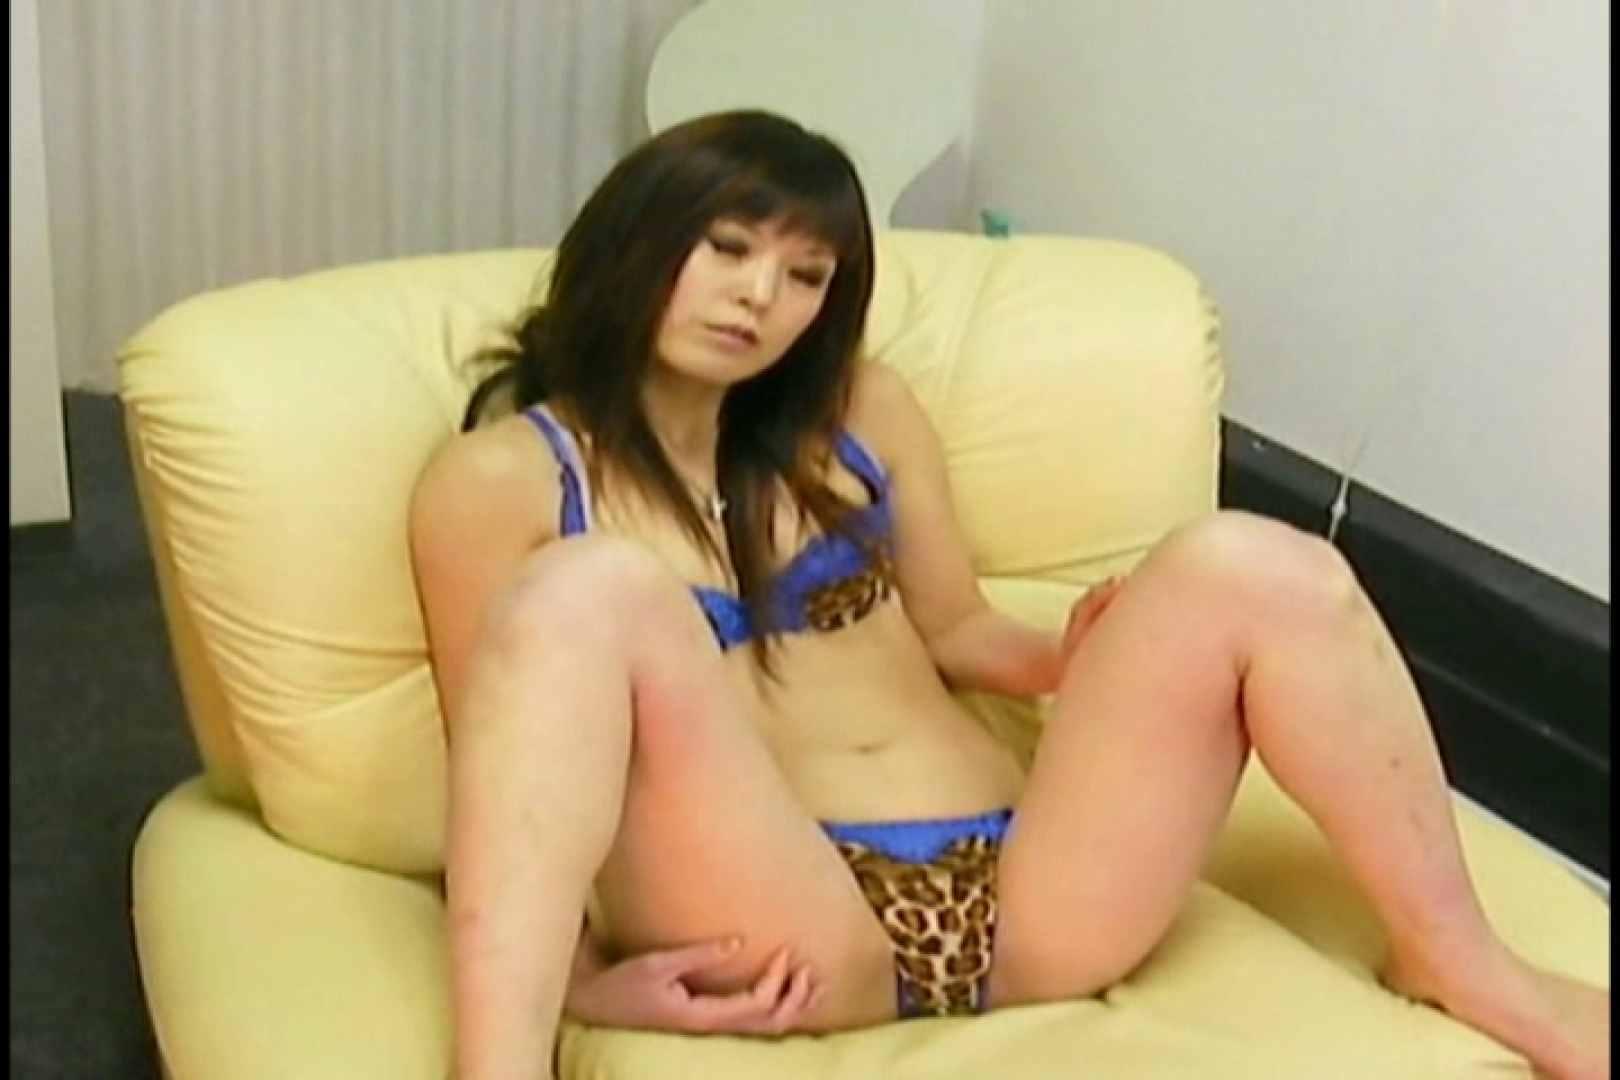 素人撮影 下着だけの撮影のはずが・・・りか26歳 素人ギャル女 オメコ動画キャプチャ 84連発 73